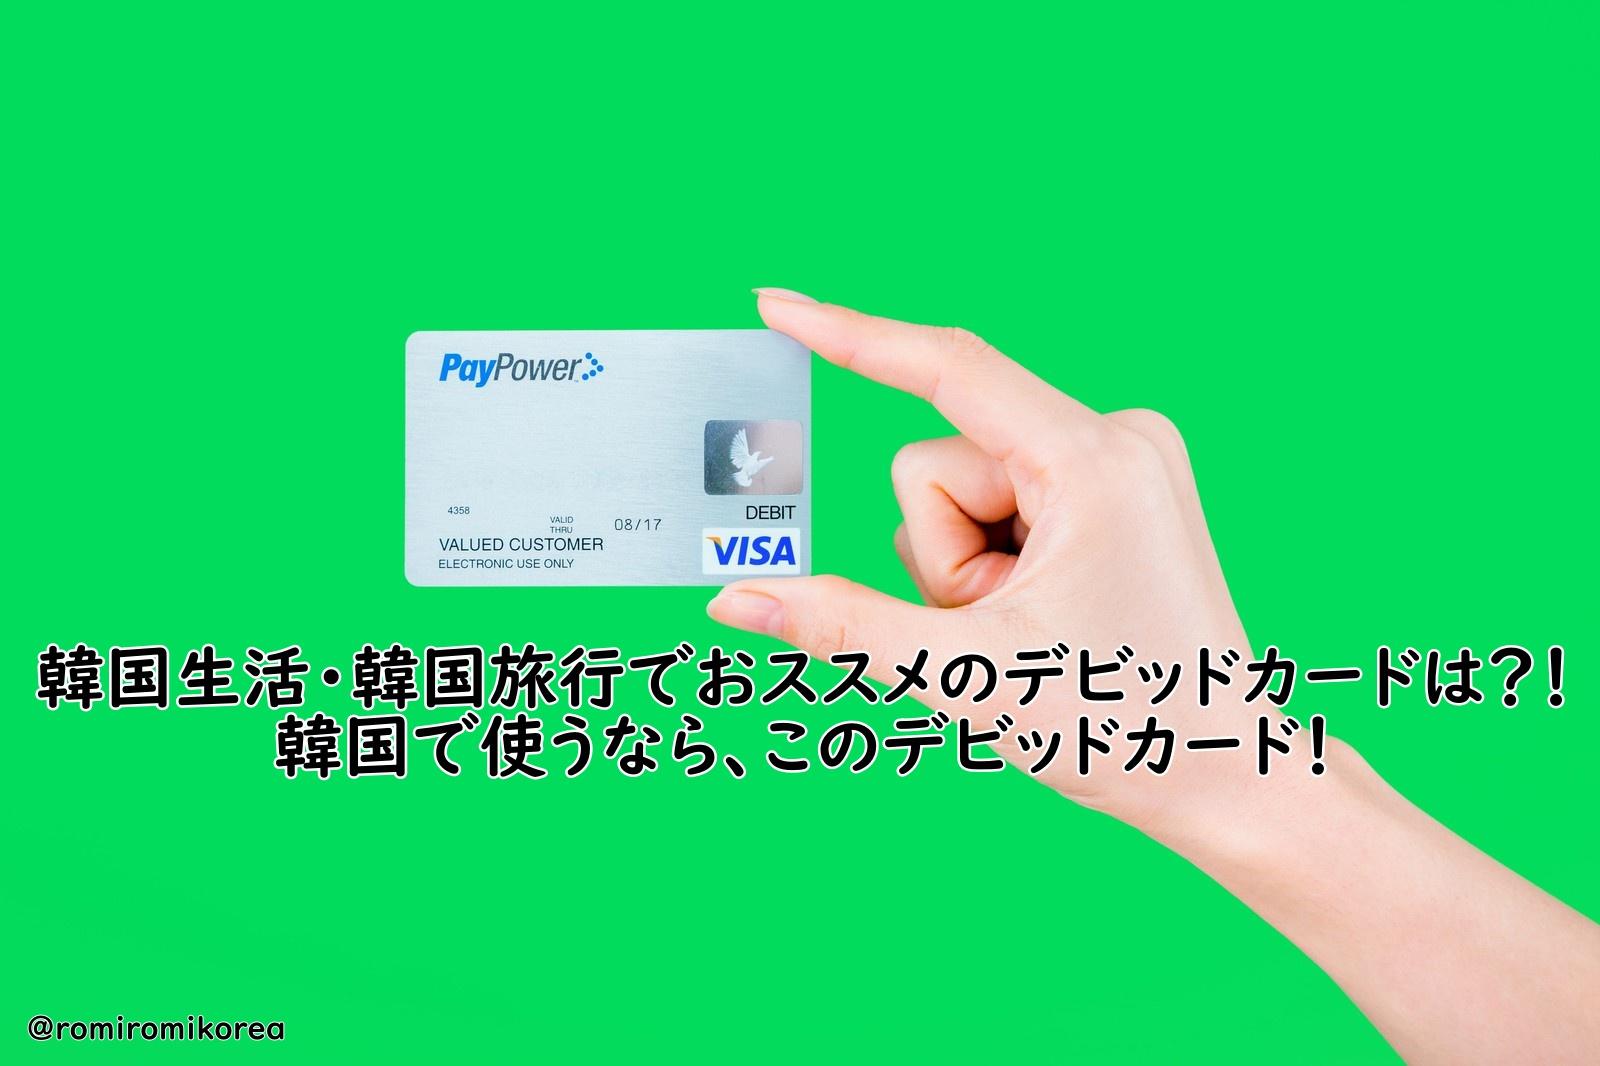 韓国旅行でおススメのデビッドカードは?!韓国で使うなら、このデビッドカード!